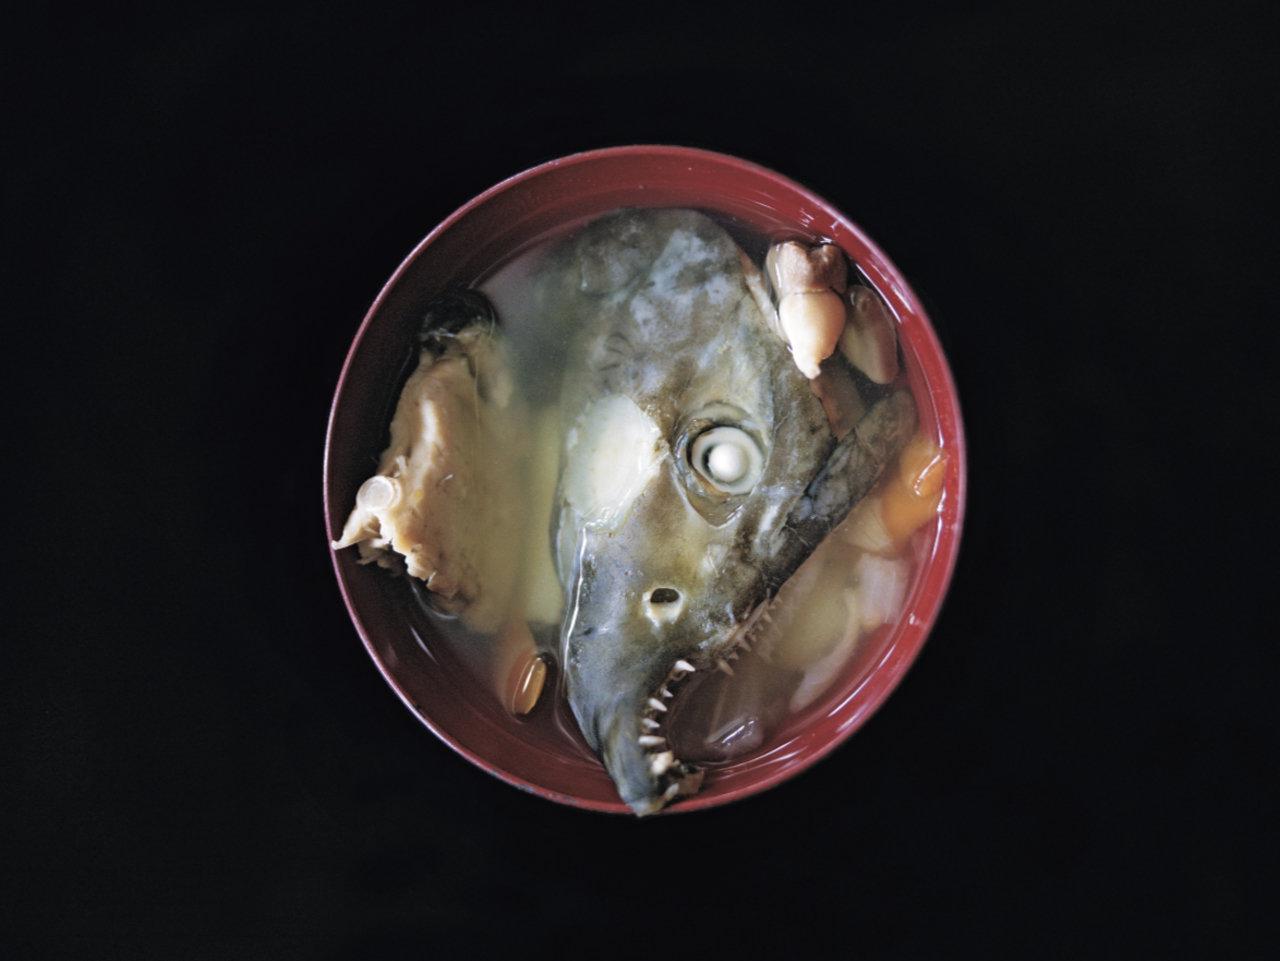 大仕事を終えた鮭の顔。はっちゃれのオハウ